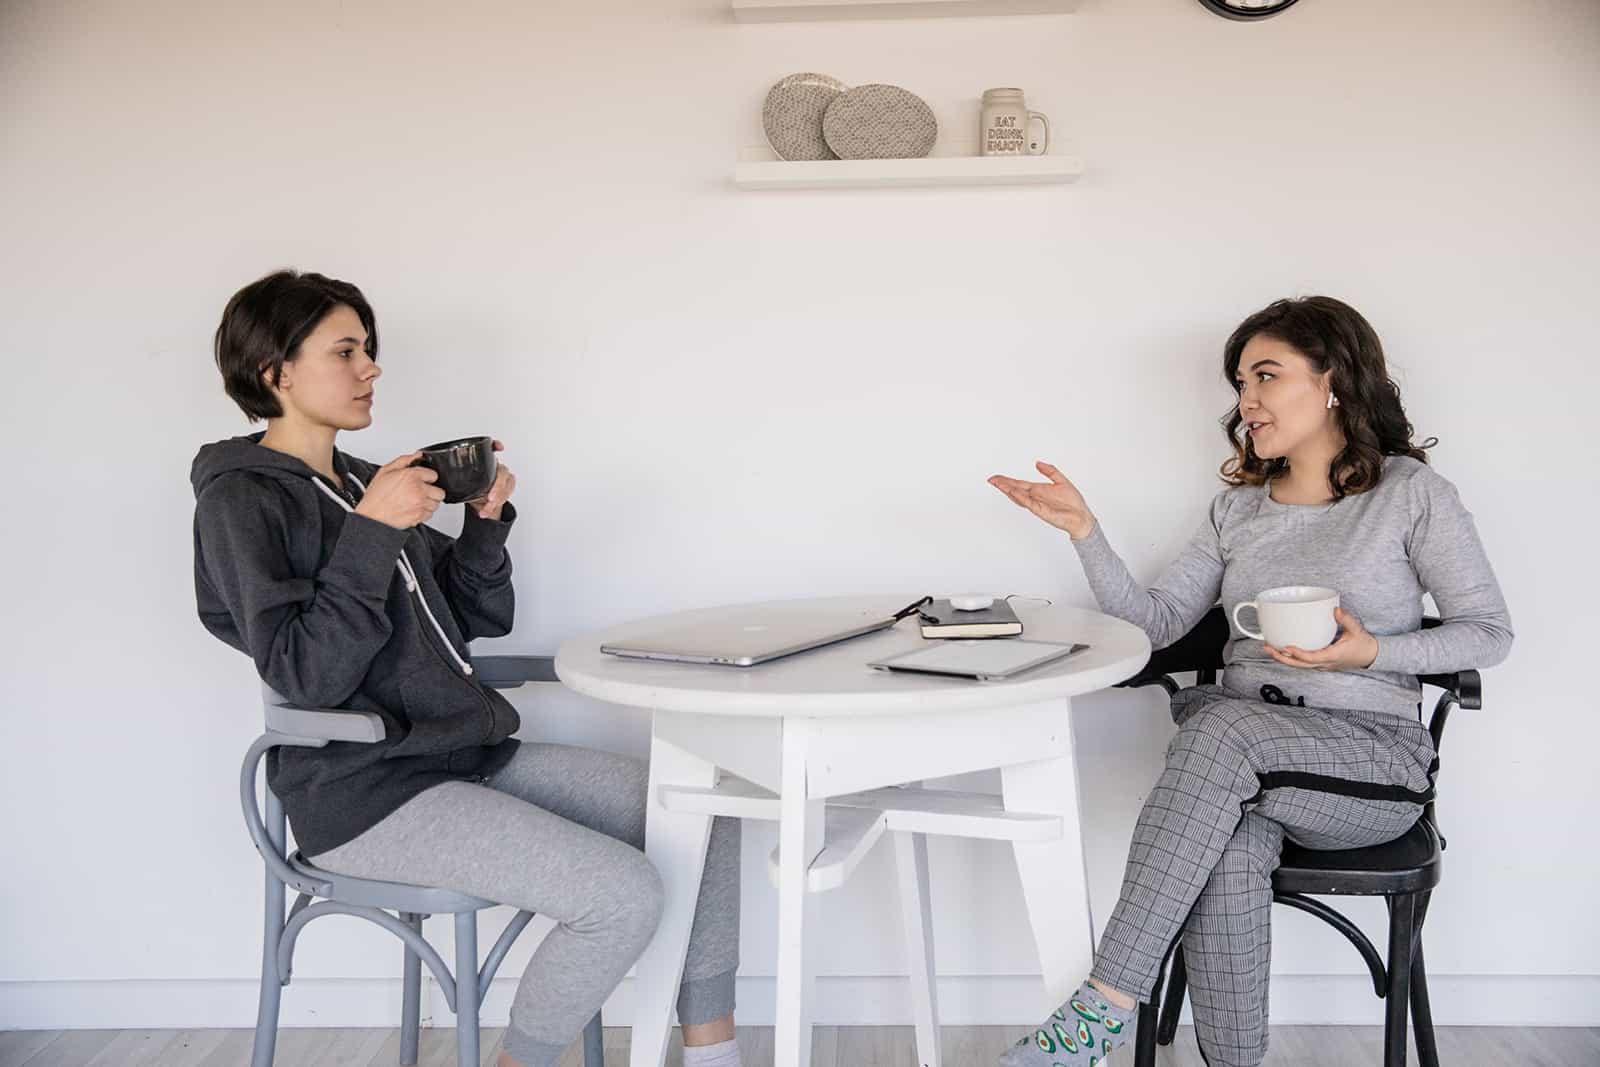 zwei Freundinnen unterhalten sich beim gemeinsamen Kaffeetrinken zu Hause